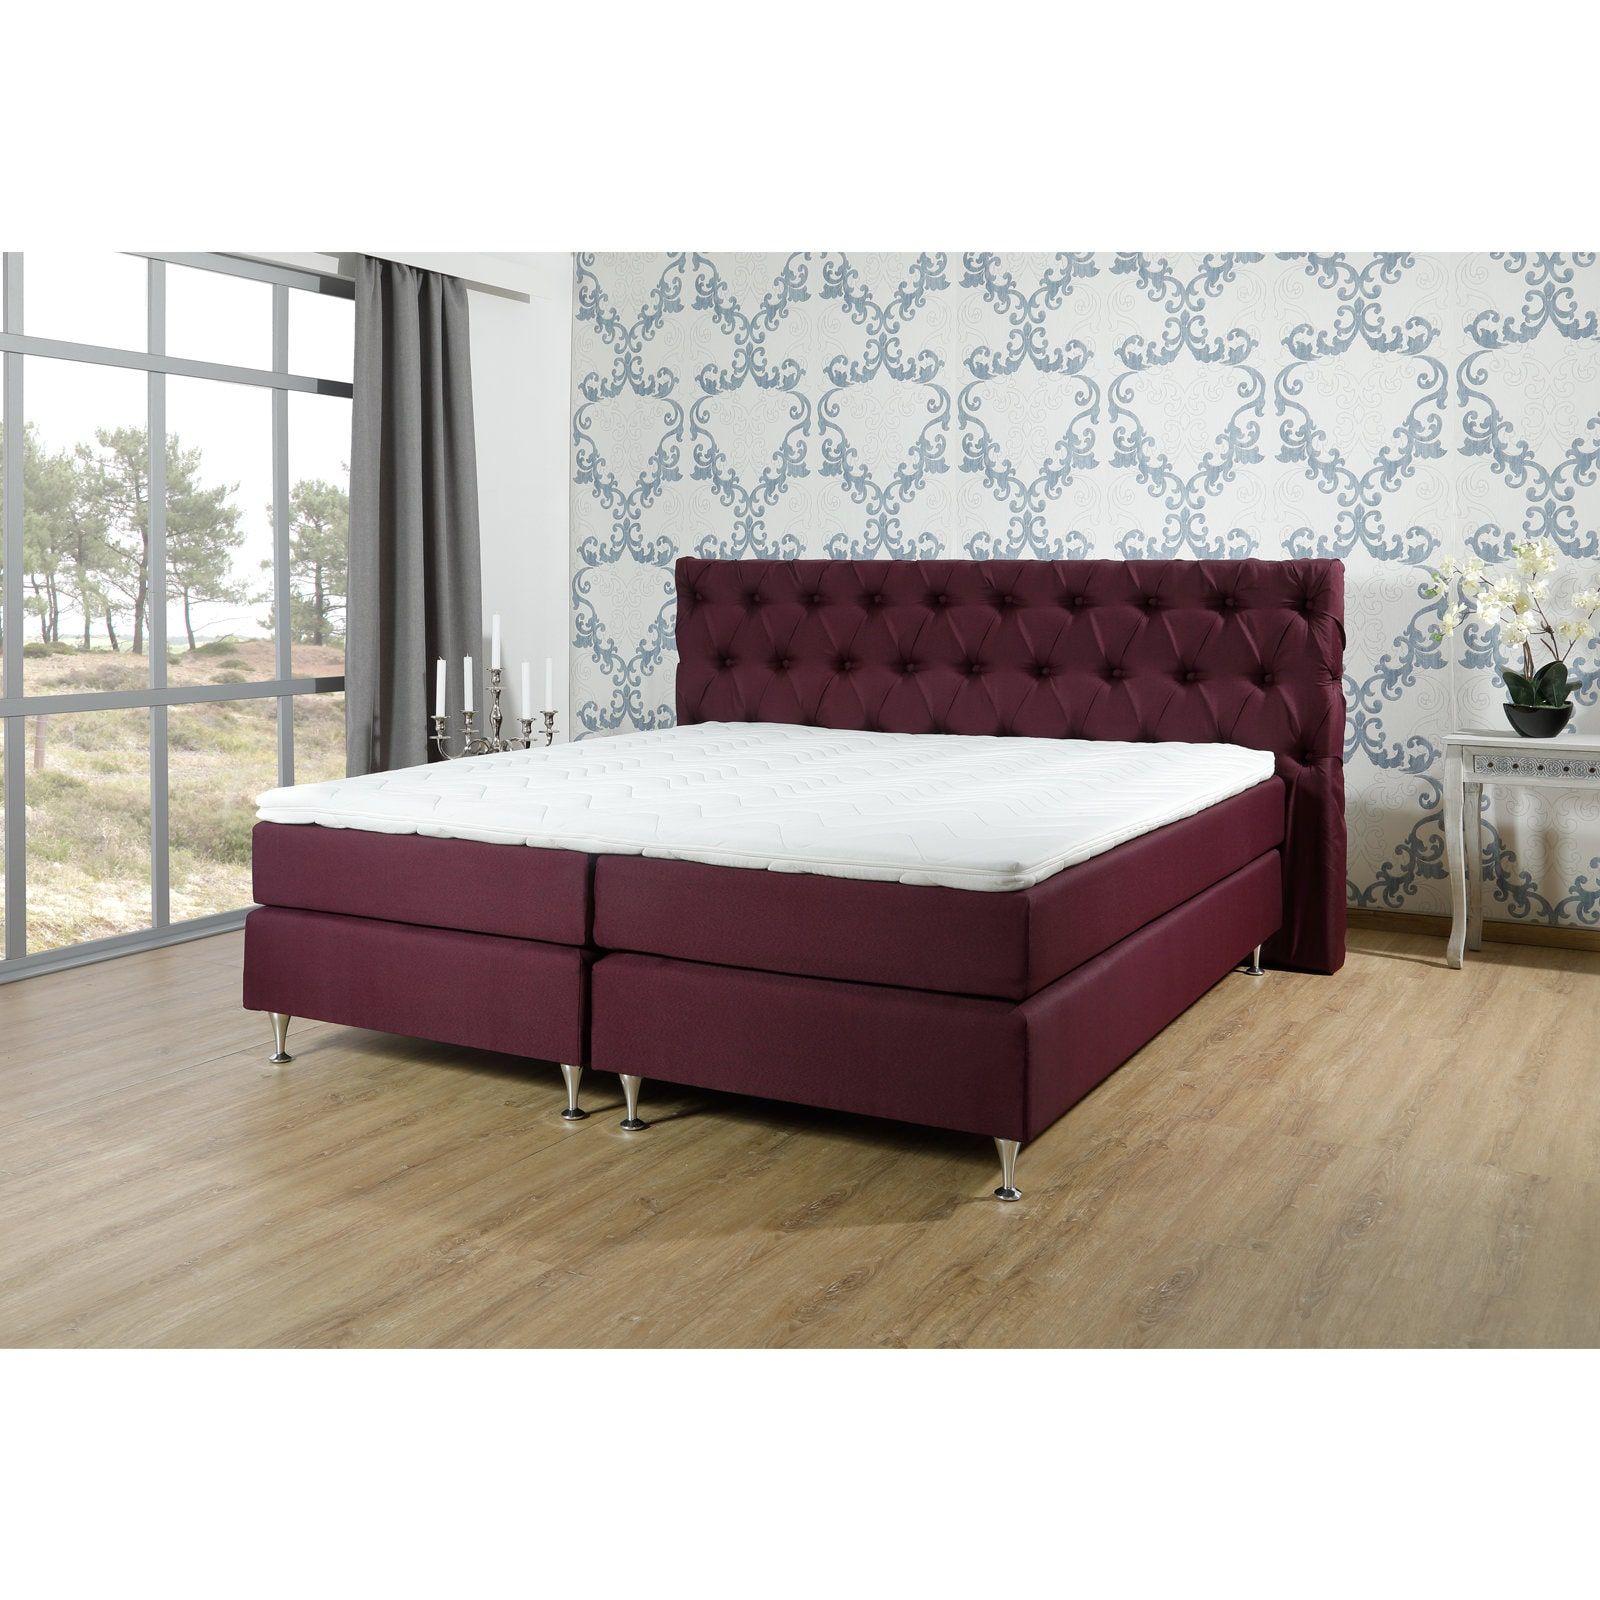 Pin von Möbel ROLLER auf Schlafen Betten Bett